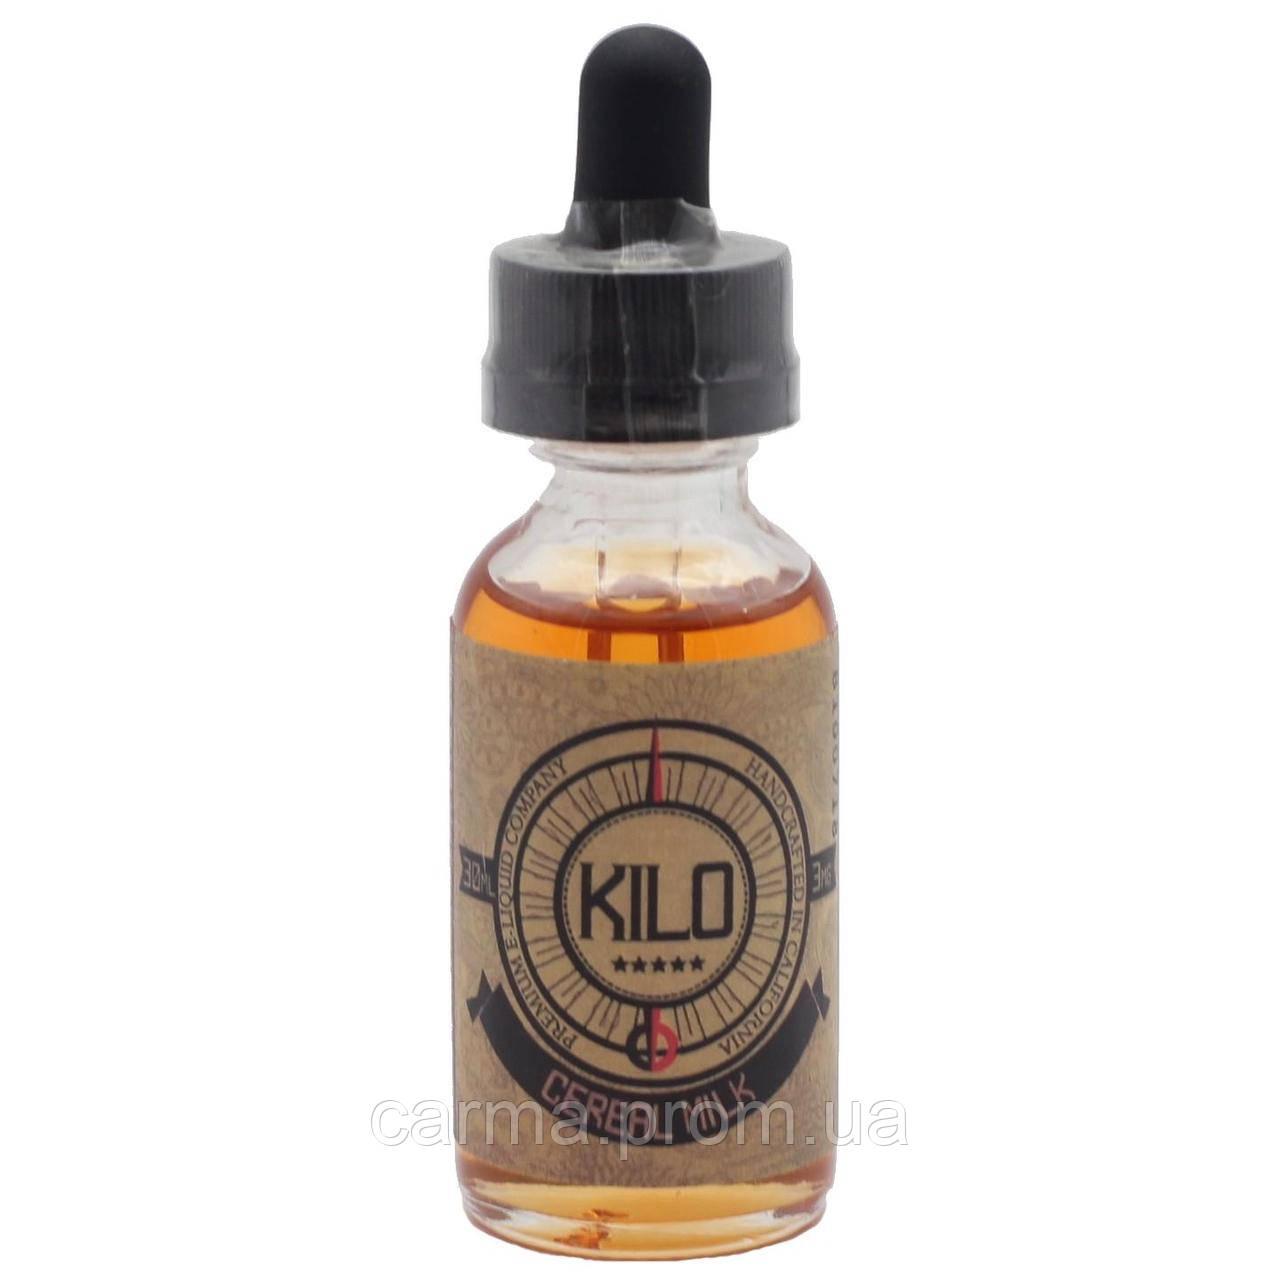 Жидкость для электронных сигарет с никотином VGOD Kilo 3мг 30 мл воплощение фруктовых колечек с молоком